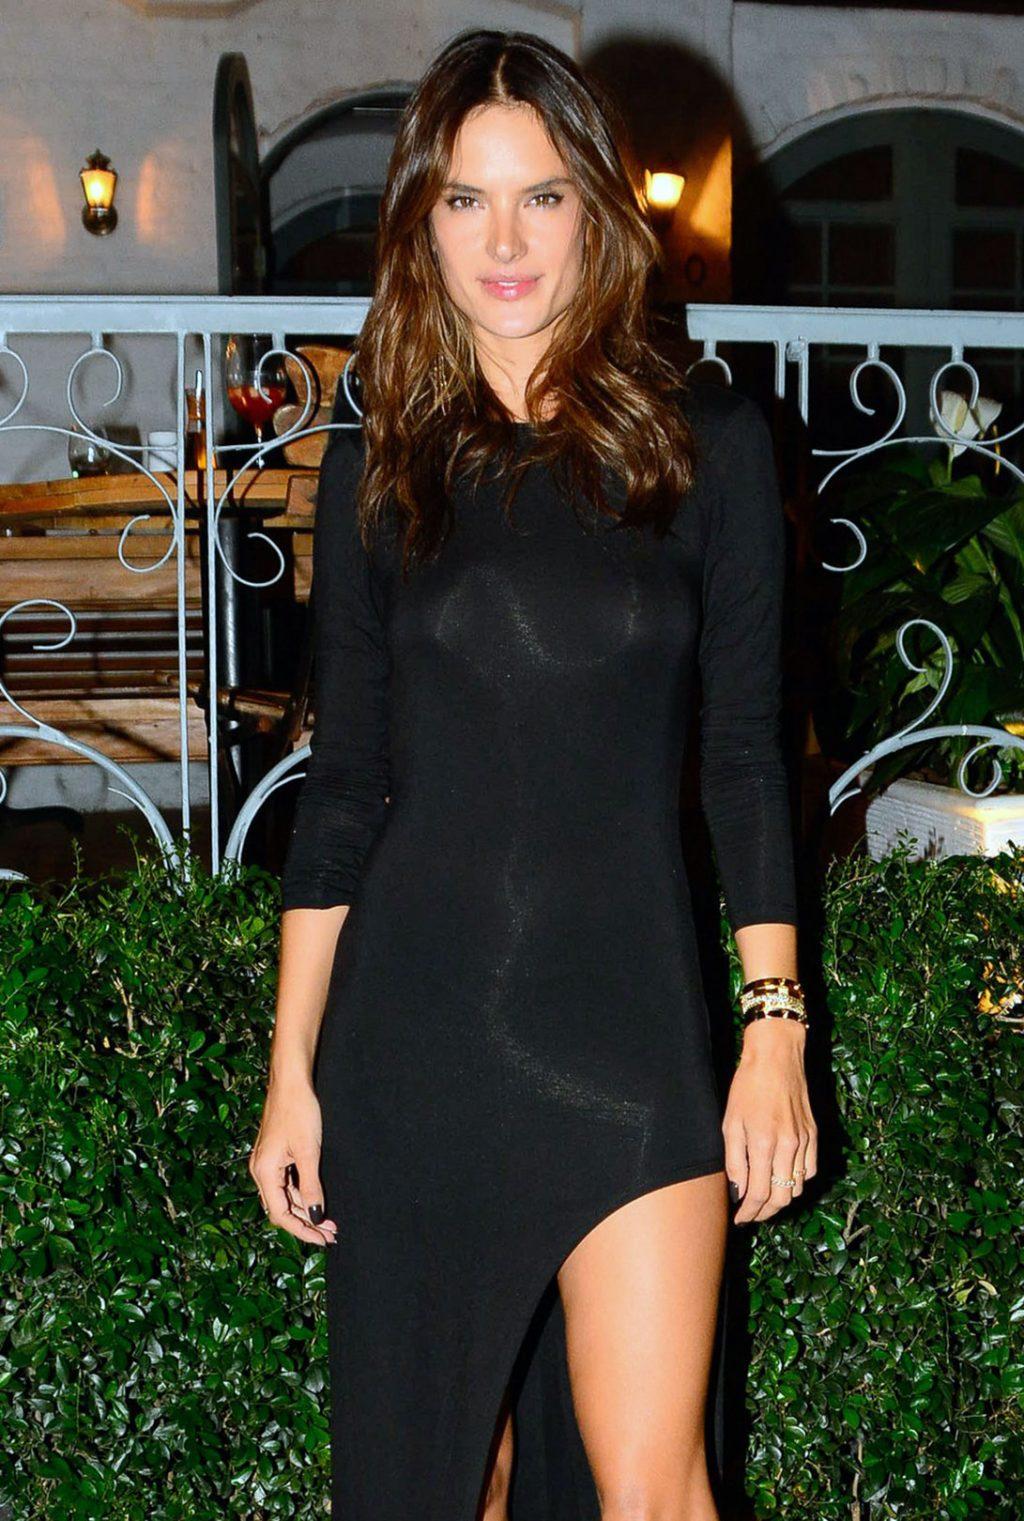 Alessandra Ambrosio hot